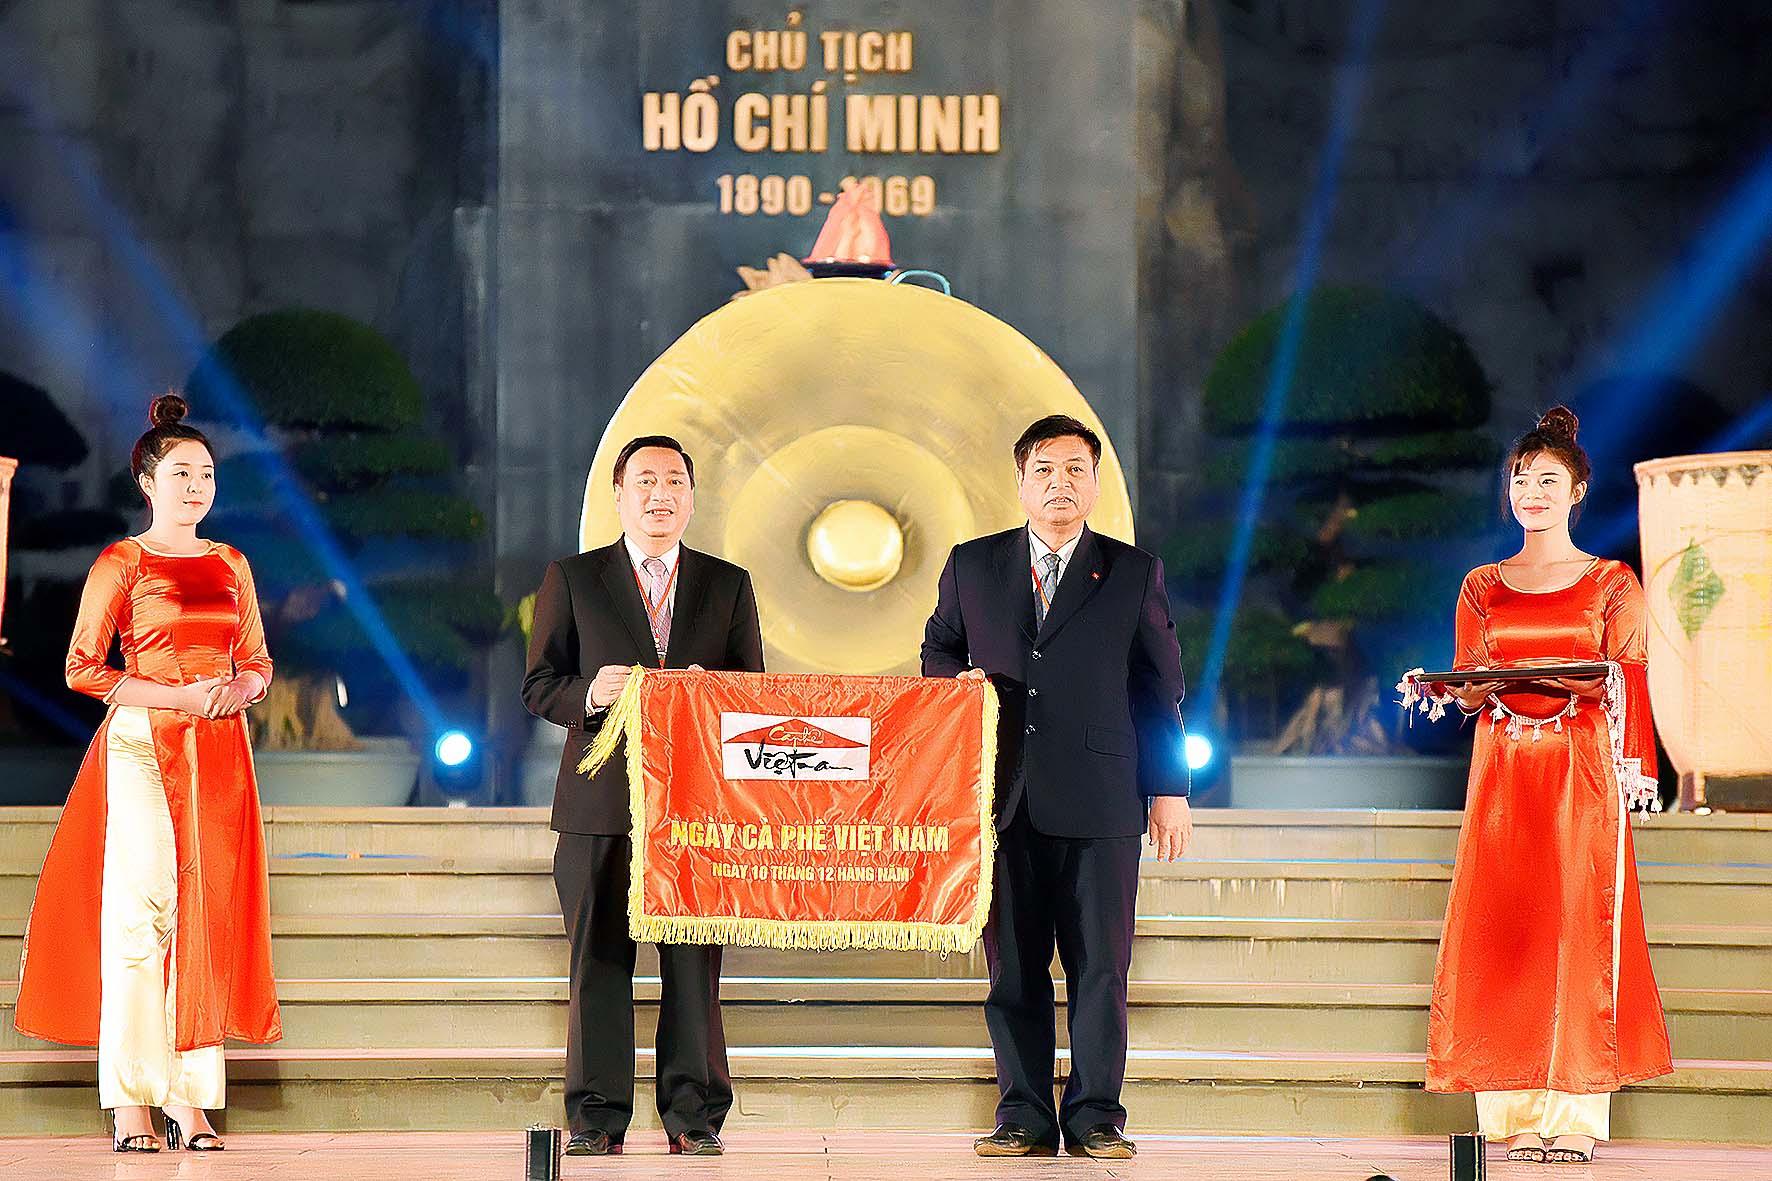 ông kpa thuyên phó chủ tịch UBND tỉnh trao cờ cho đơn vị đăng cai.jpg